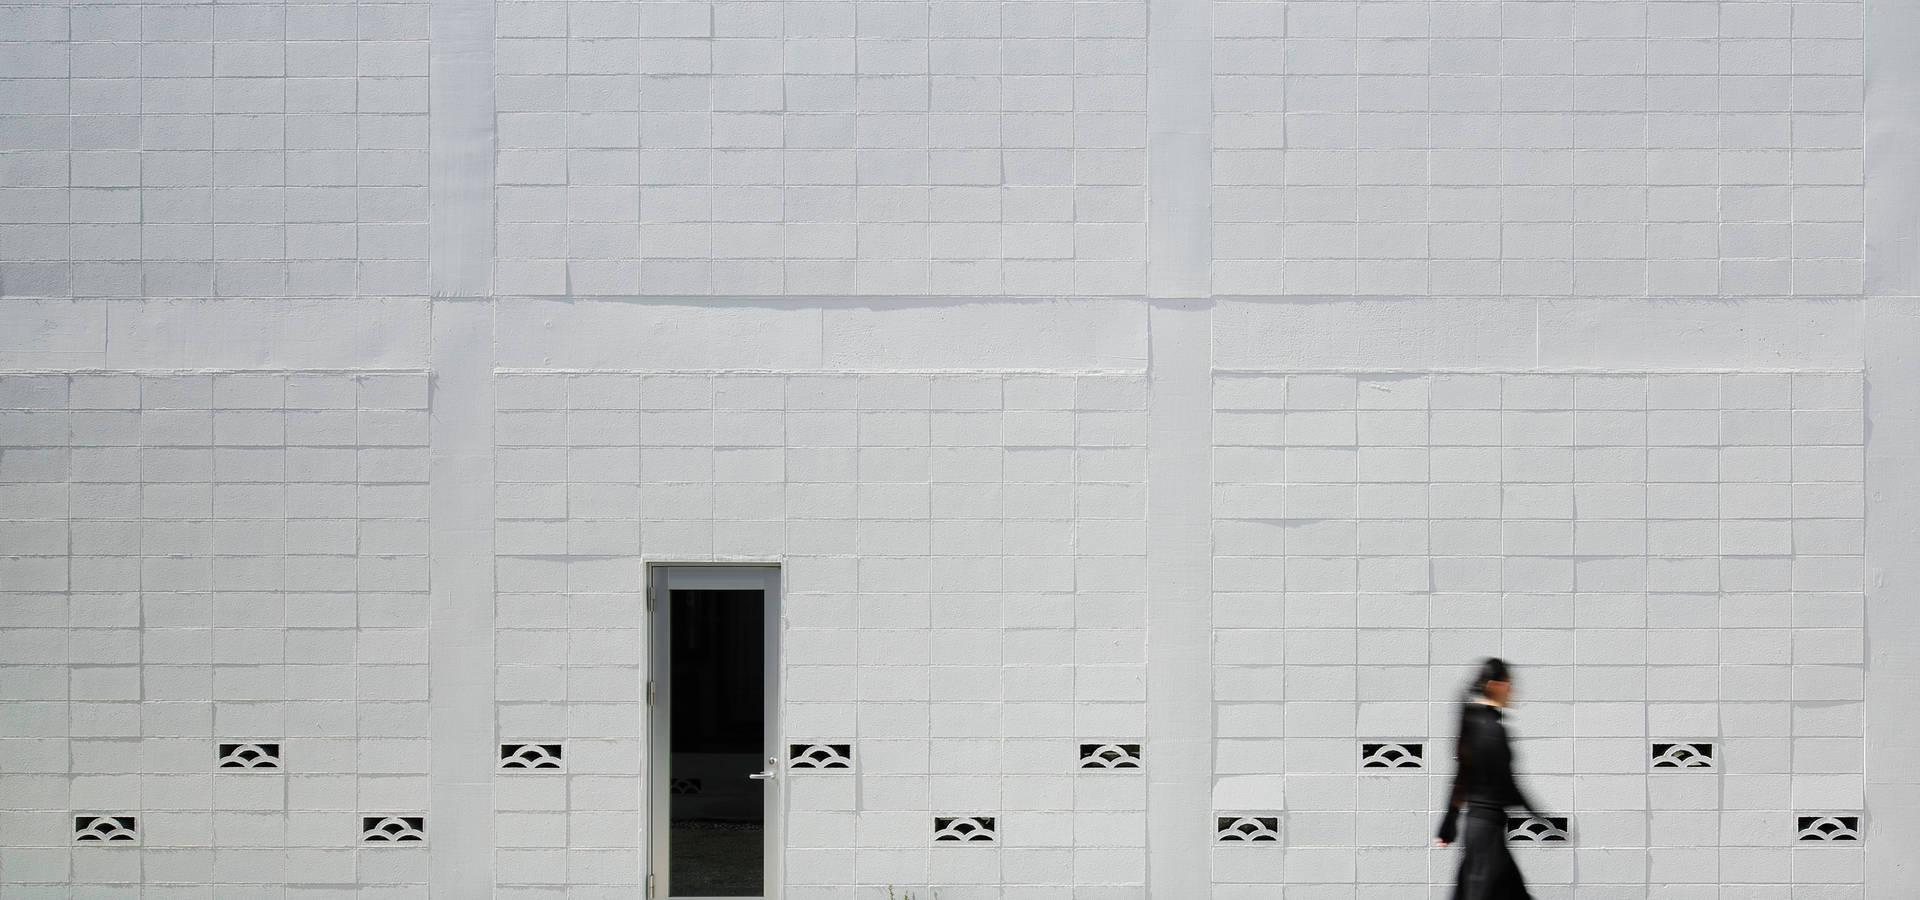 建築設計事務所 可児公一植美雪/KANIUE ARCHITECTS